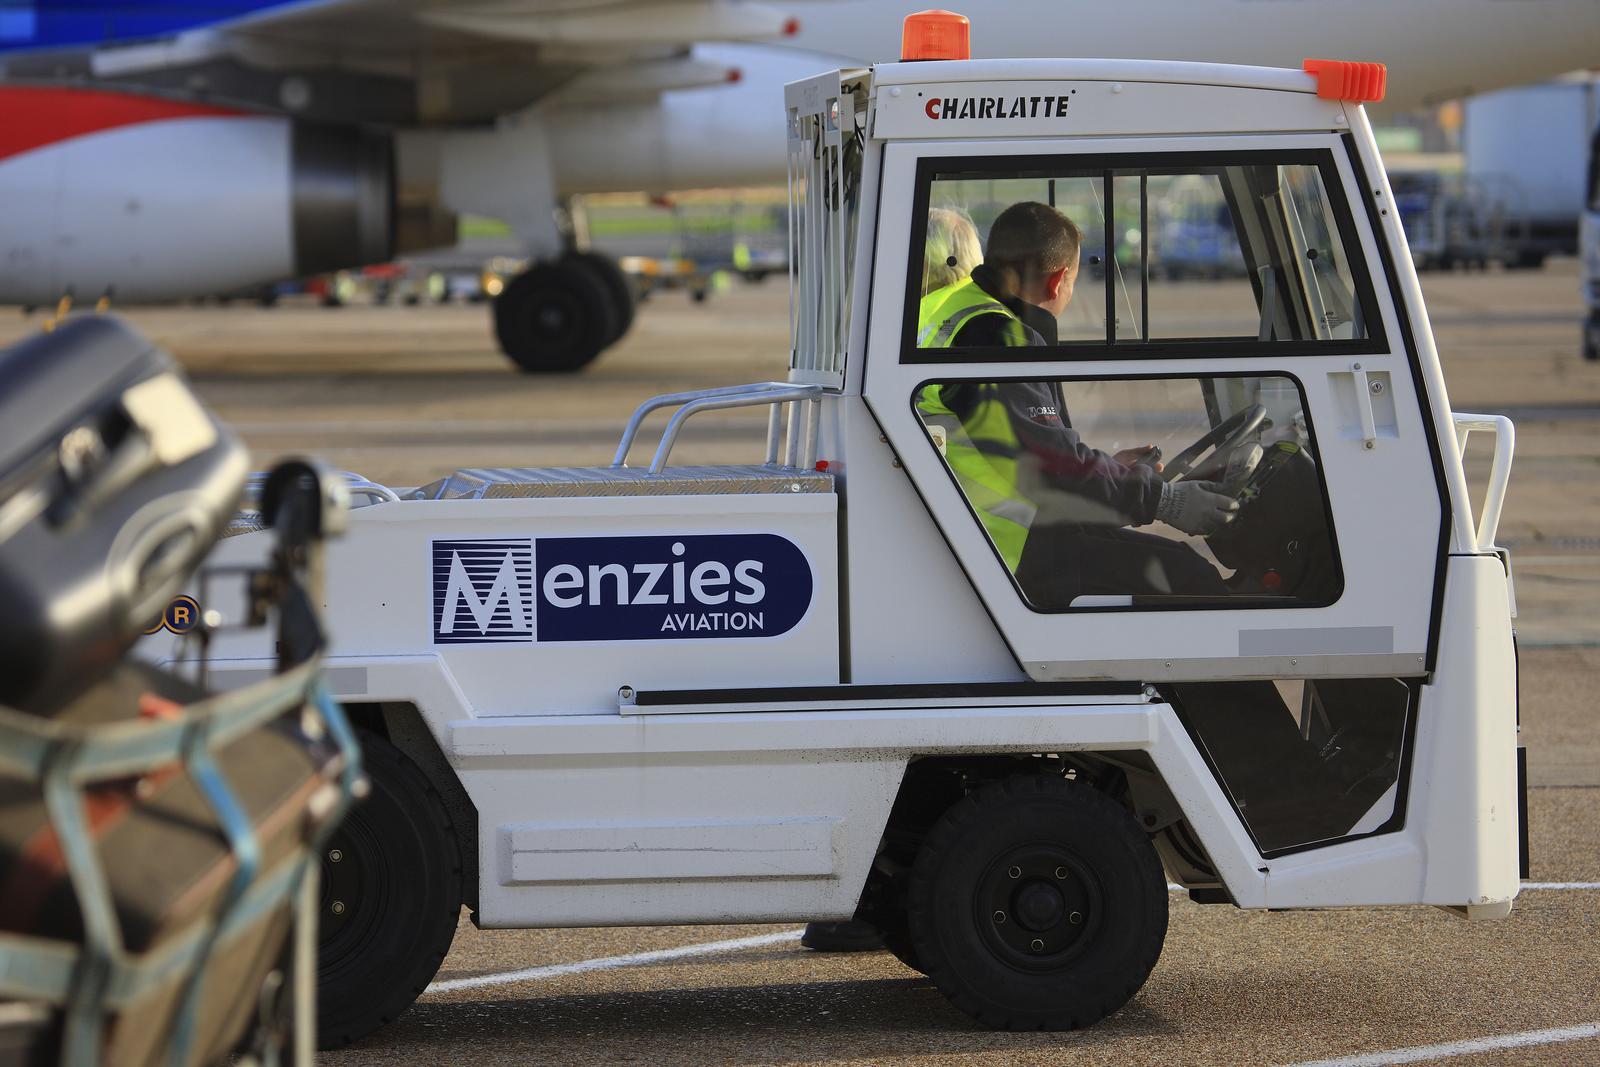 Job hos handlingselskabet Menzies Aviation i Københavns Lufthavn var blandt de mest læste jobopslag i 2016.